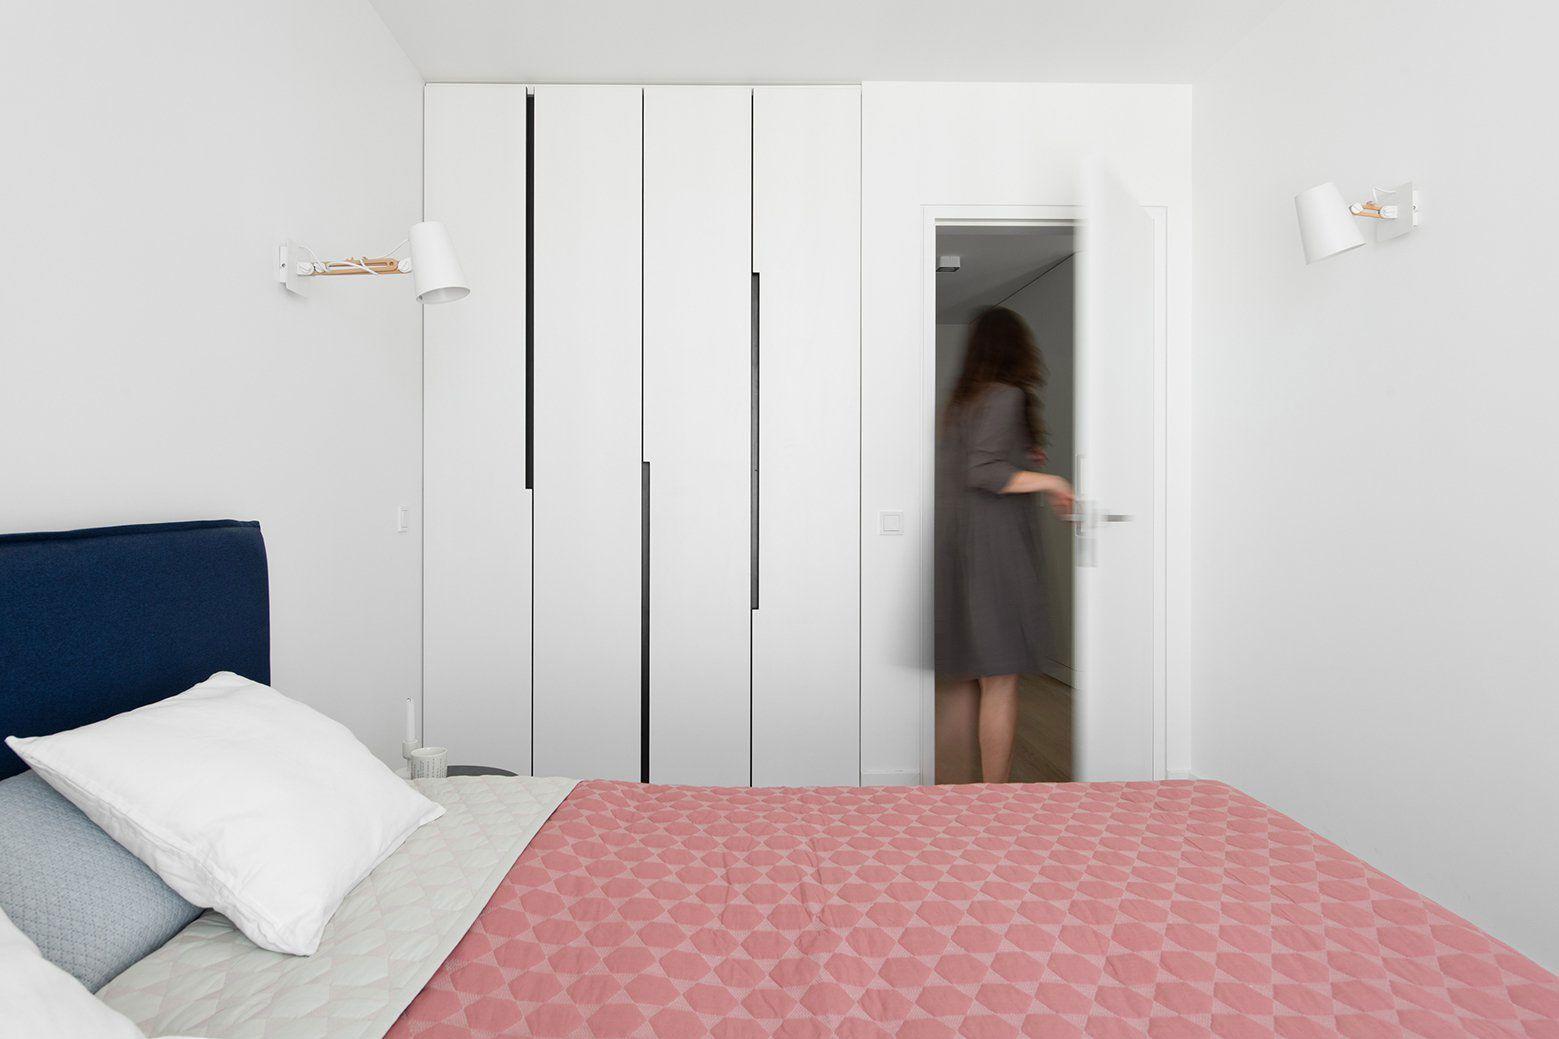 Apartment-in-Vilnius-11